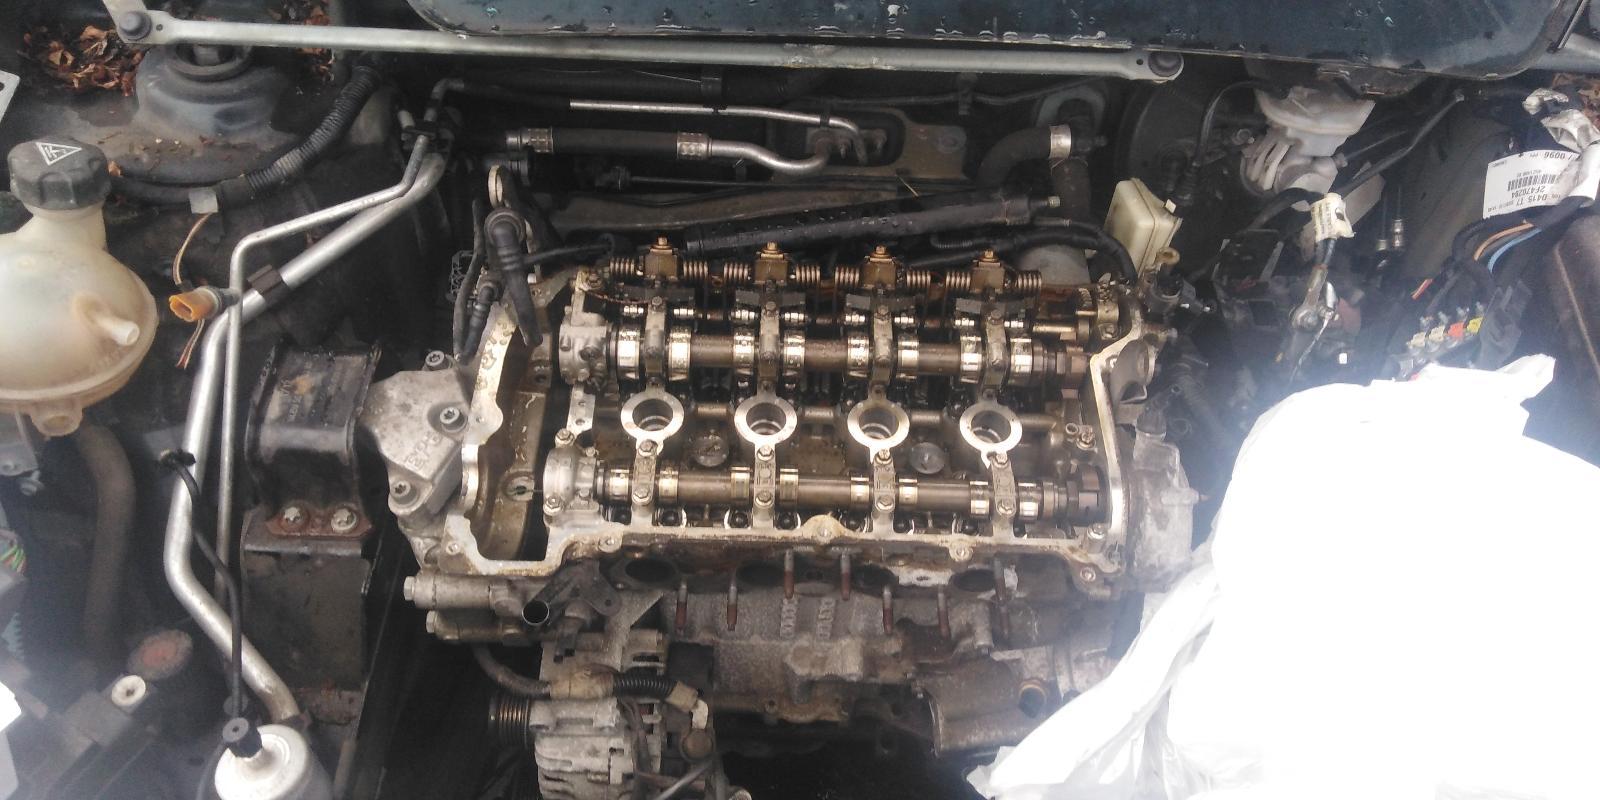 Image for a PEUGEOT 308 2012 5 Door Hatchback